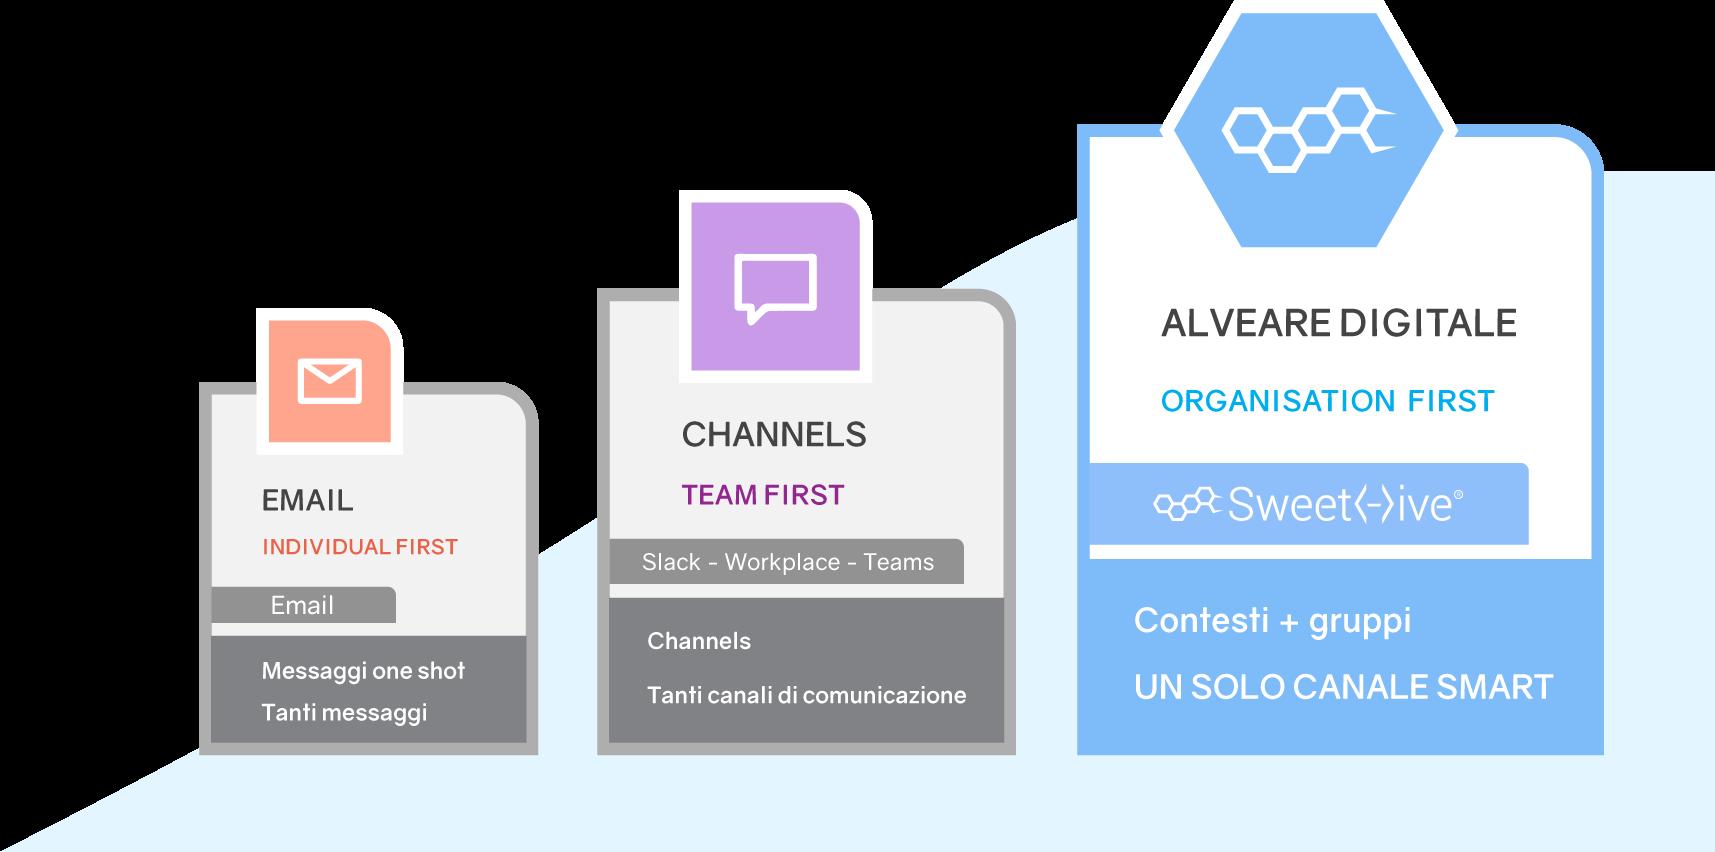 L'evoluzione della comunicazione: alle email, ai channel fino all'alveare digitale